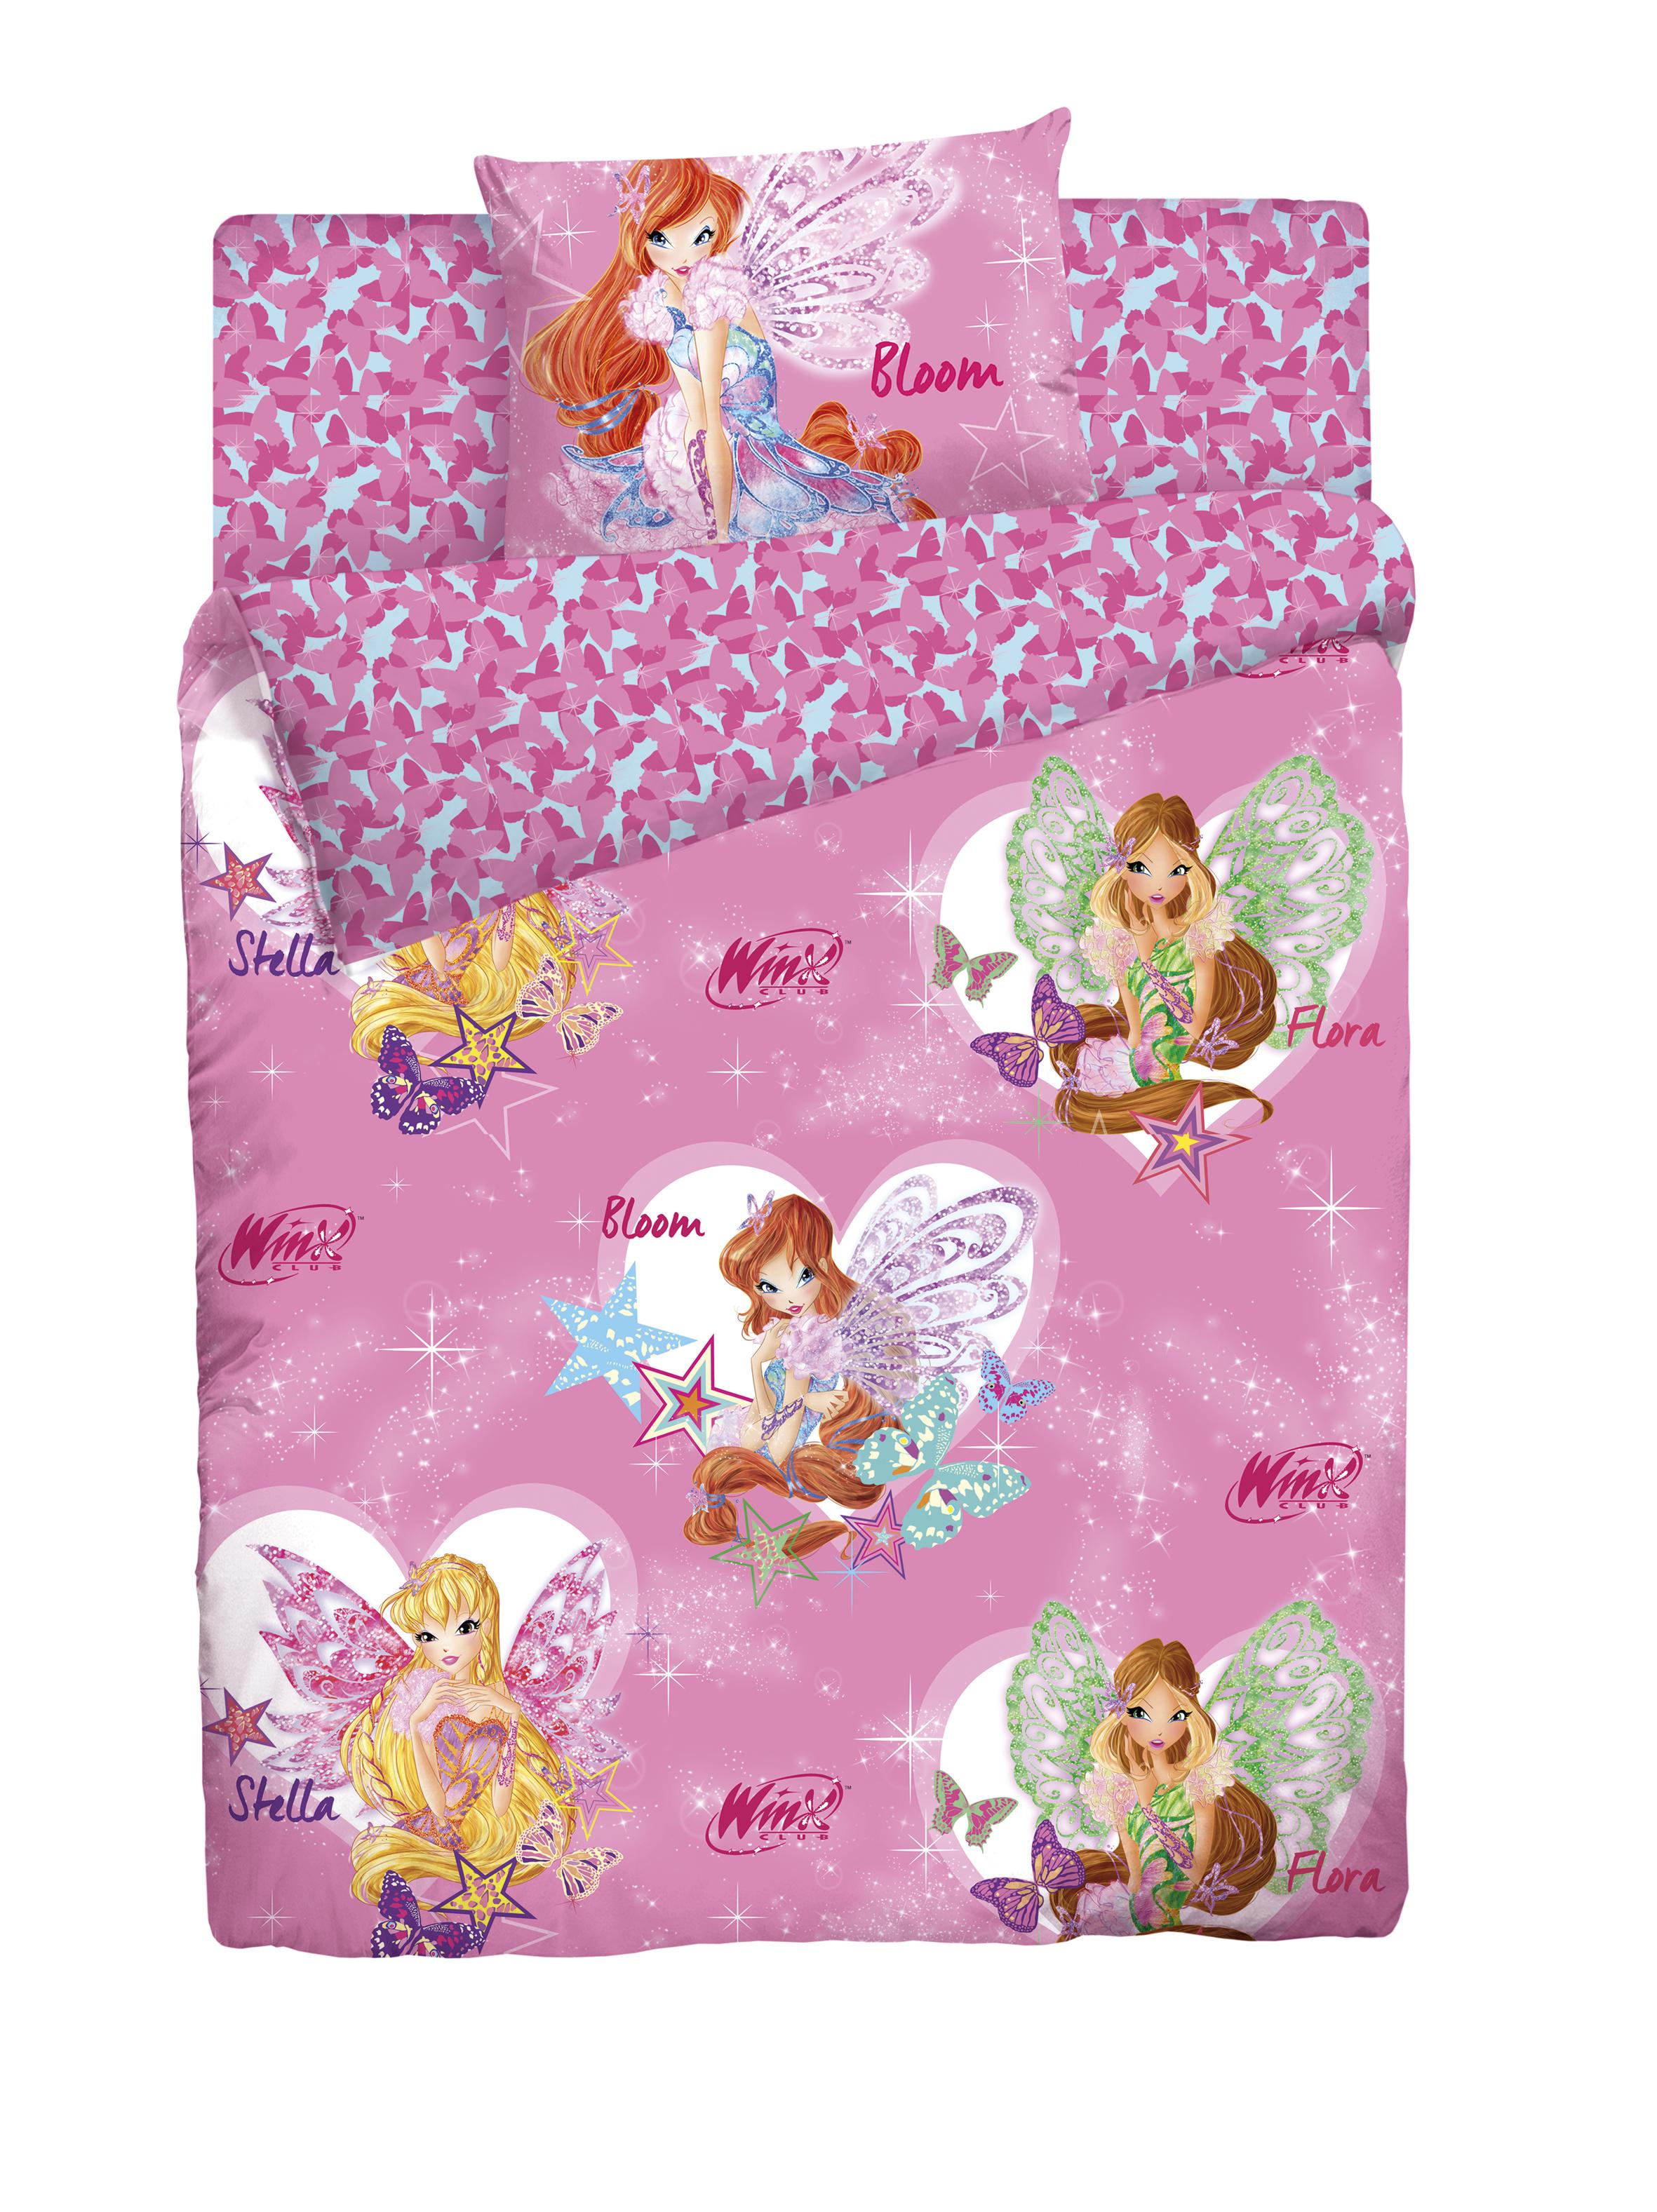 Комплект белья детский Winx, 1,5-спальный, наволочки 50х70, цвет: розовый183459Невероятно красочное постельное белье Winx с рисунками по мотивамизвестного мультфильма украсит детскую комнату и подарит ребенкуотличное настроение на весь день.Этот комплект выполнен из поплина, отличается прекраснойпрочностью и подходит для ежедневного использования. Белье имеет гладкую матовую поверхность, которая оченьприятна на ощупь и выглядит одинаково эстетично с лицевой и изнаночной стороны. Постельноебелье великолепно сохраняет яркость красок и даже после многочисленныхстирок выглядит так, будто куплено вчера.В комплект входят наволочка, простыня ипододеяльник.Комплект станет замечательным дополнением к интерьеру детской комнаты.